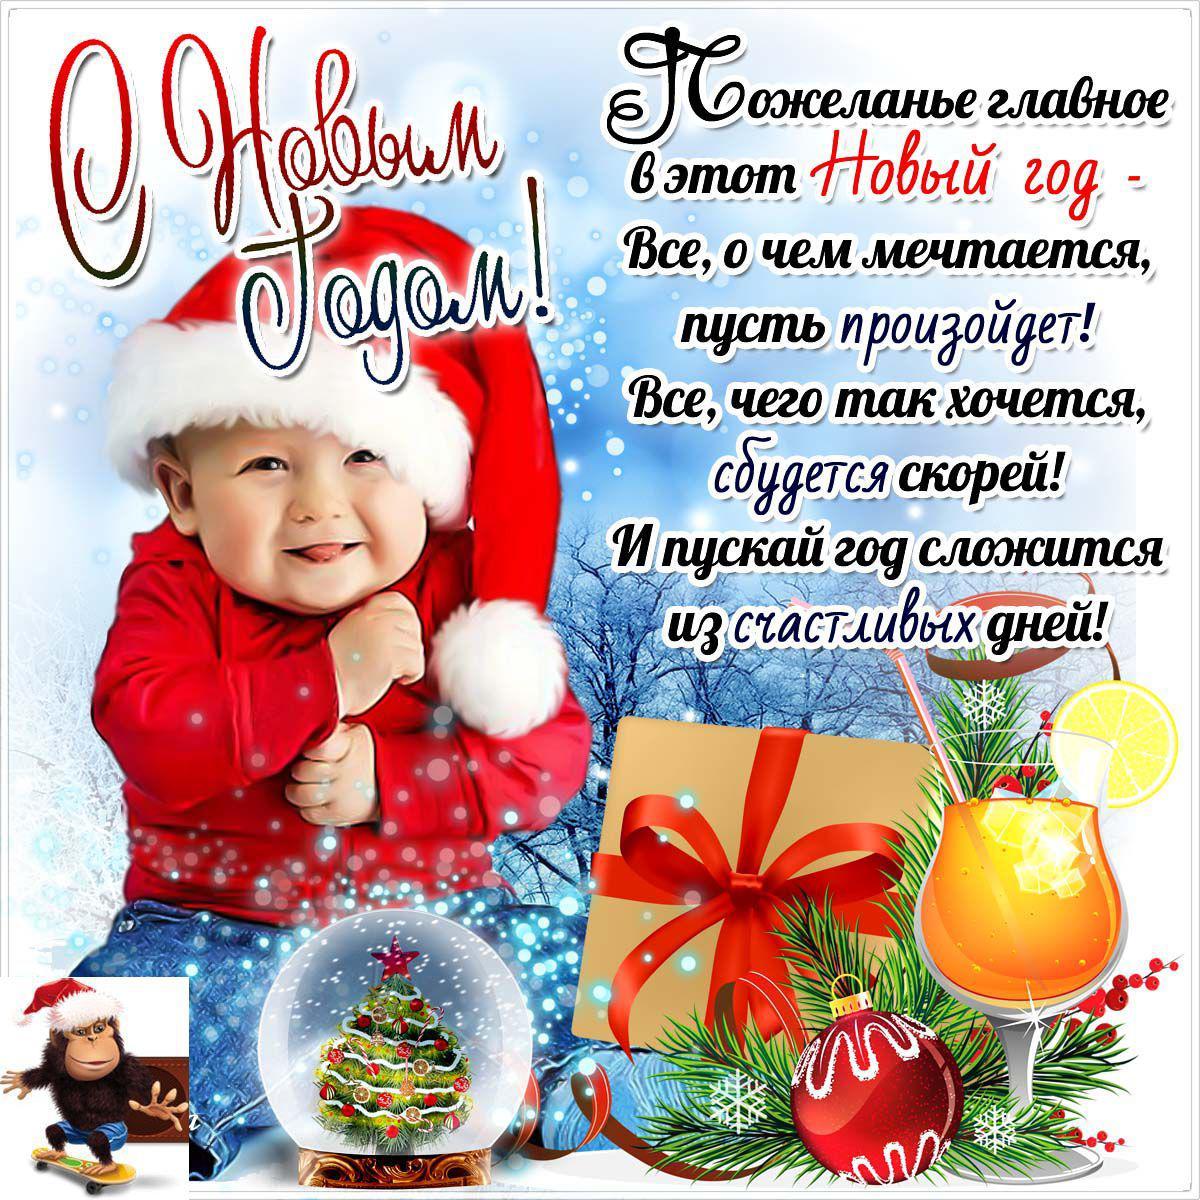 Поздравление на новый год семье сына